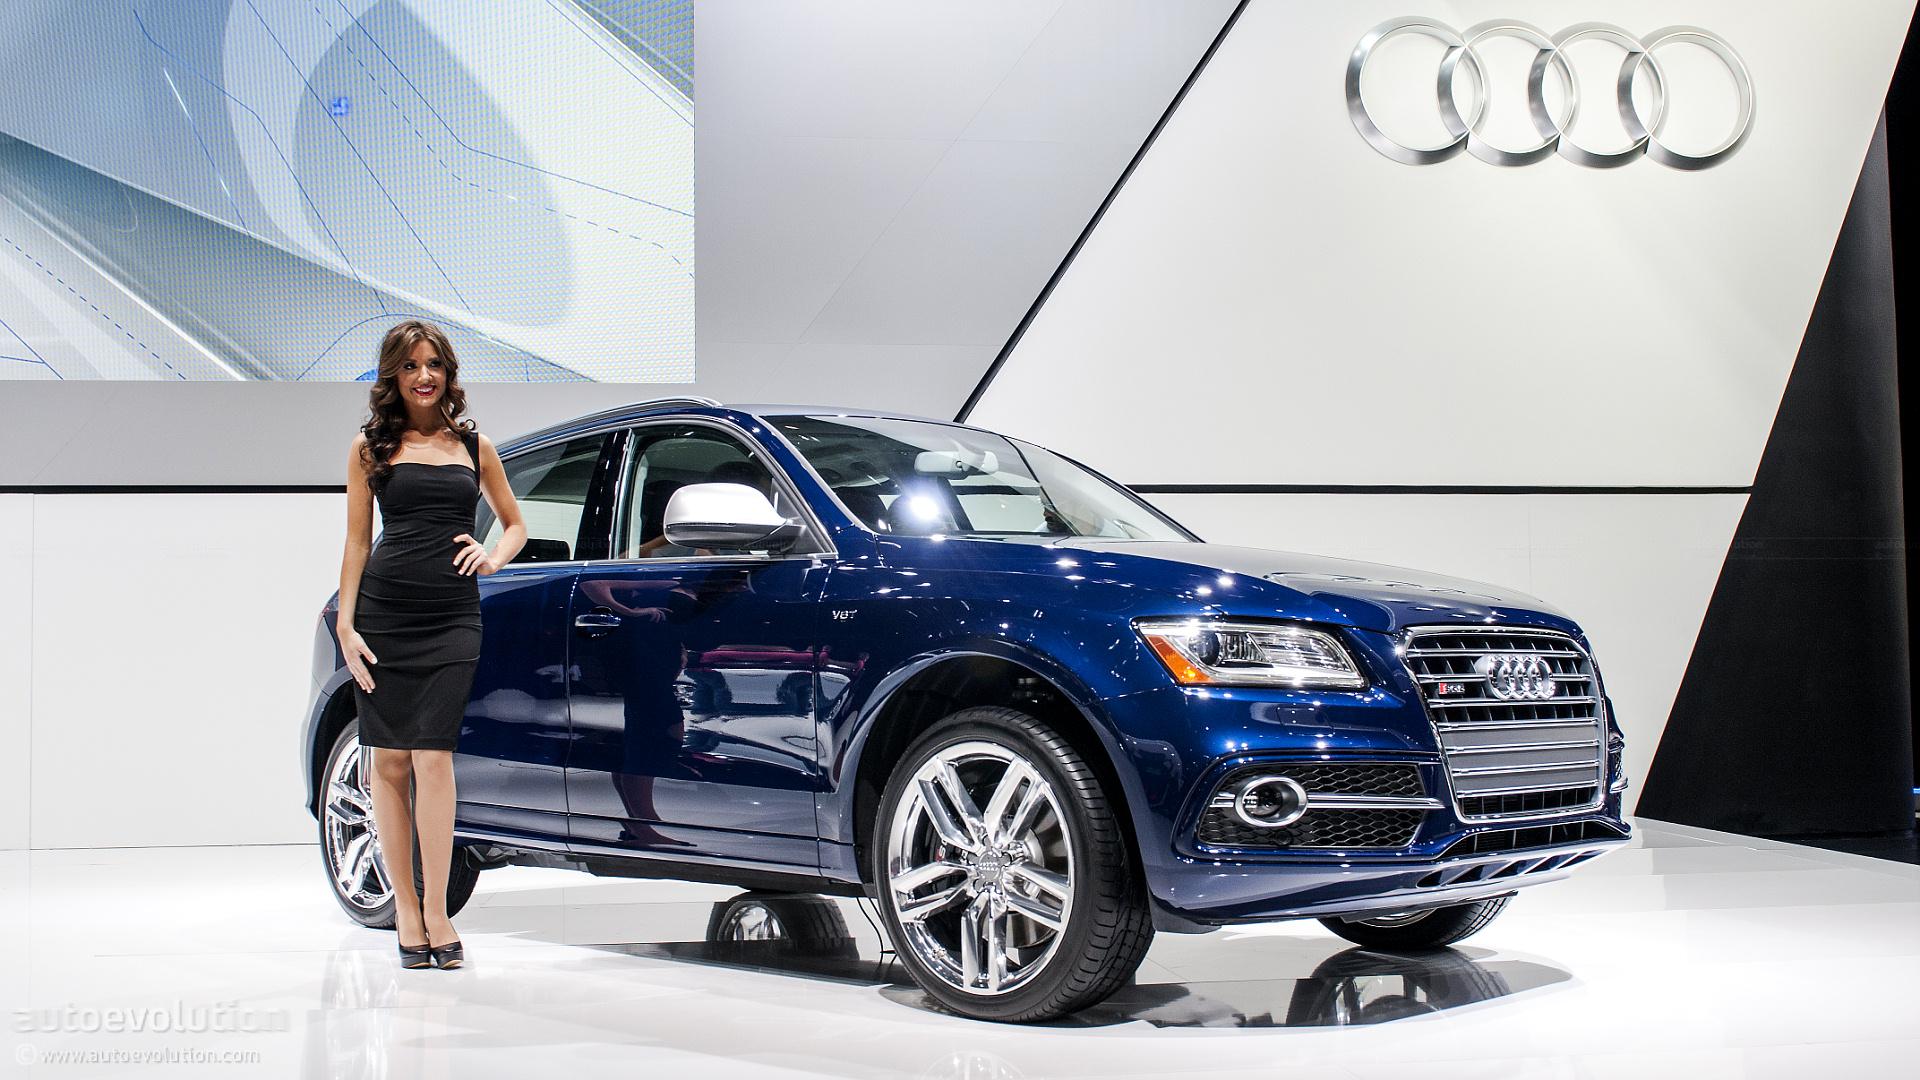 2013 NAIAS: Audi SQ5 [Live Photos]